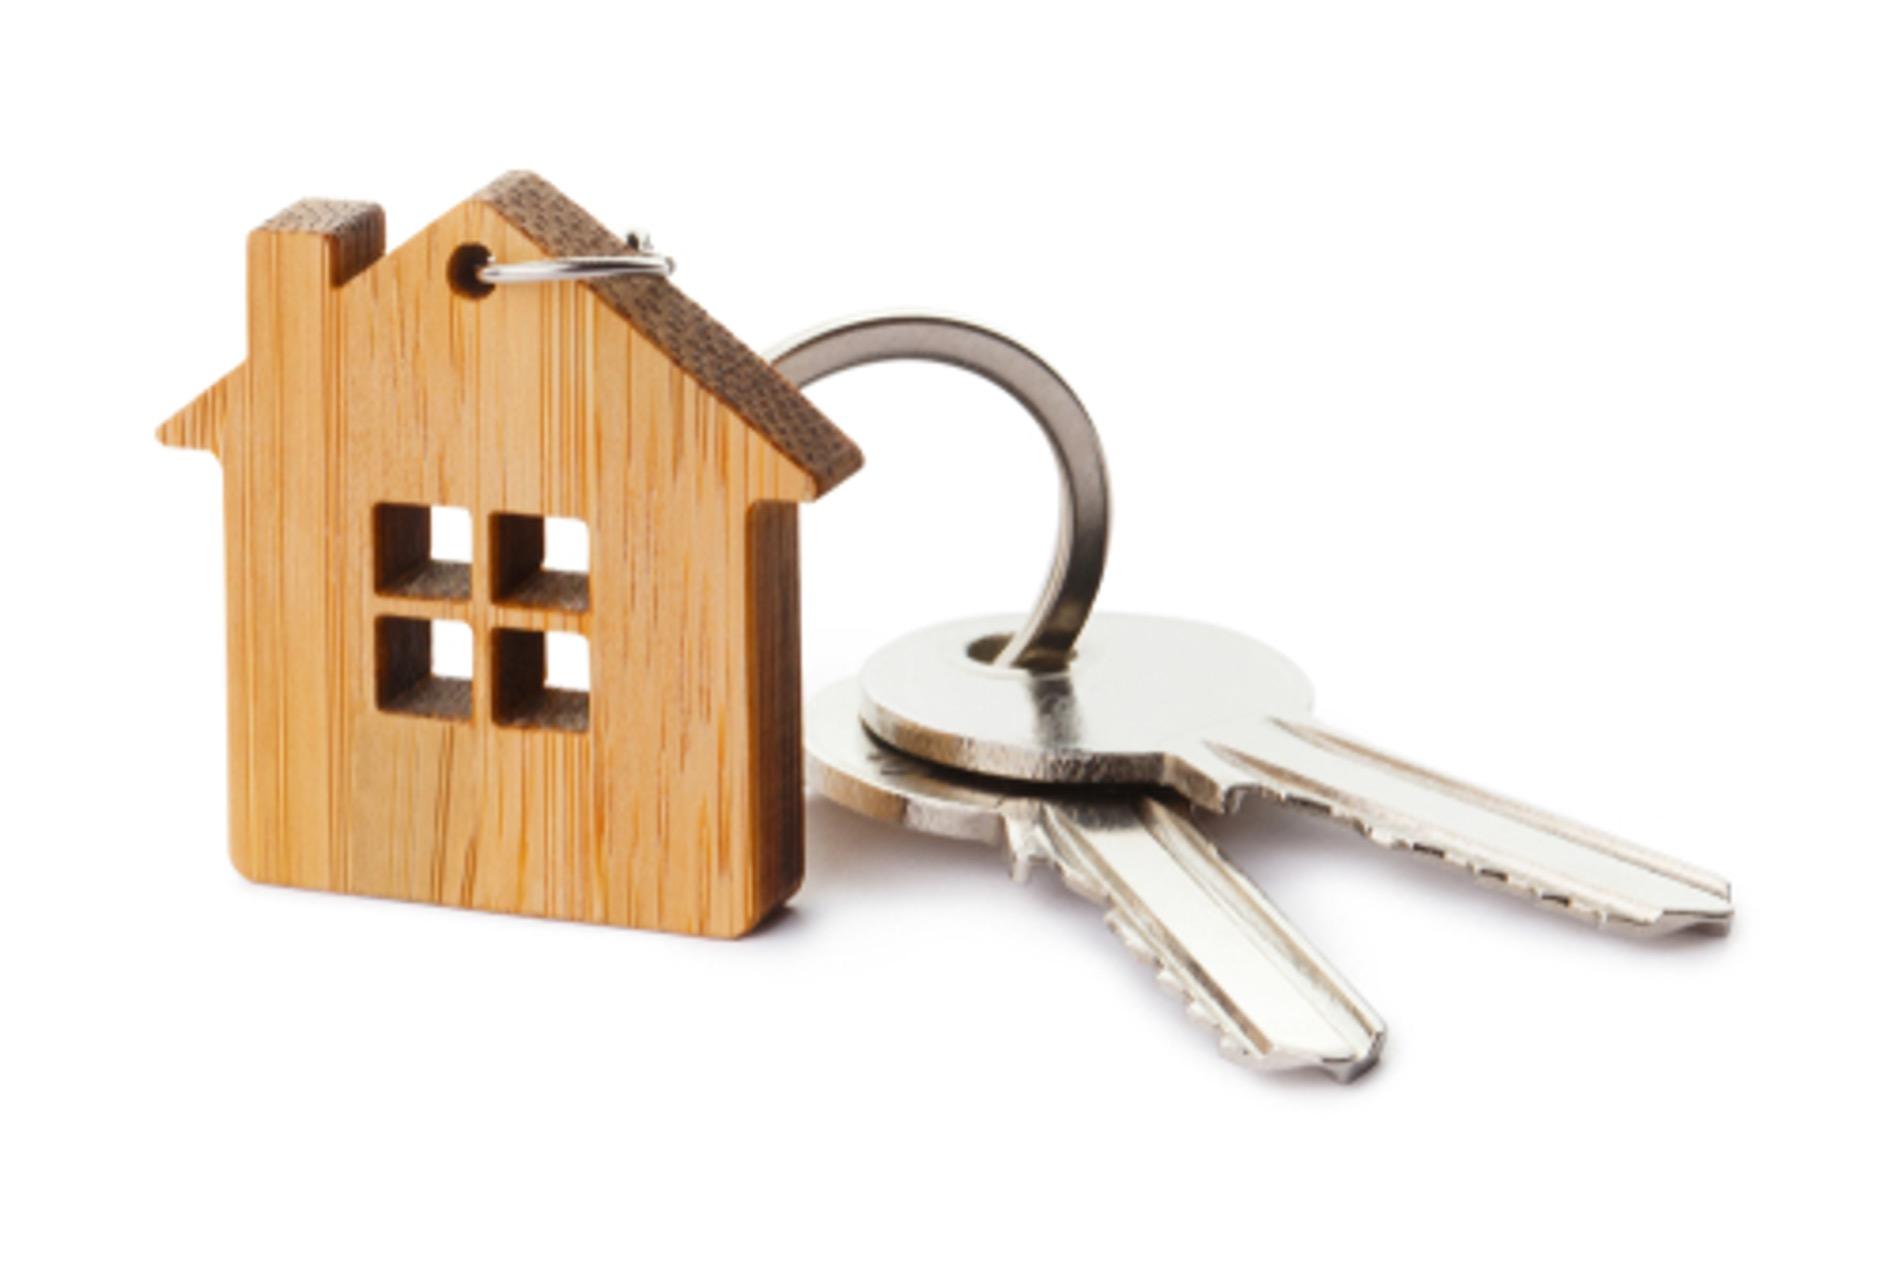 Image d'illustration représentant un porte clé en forme de maison